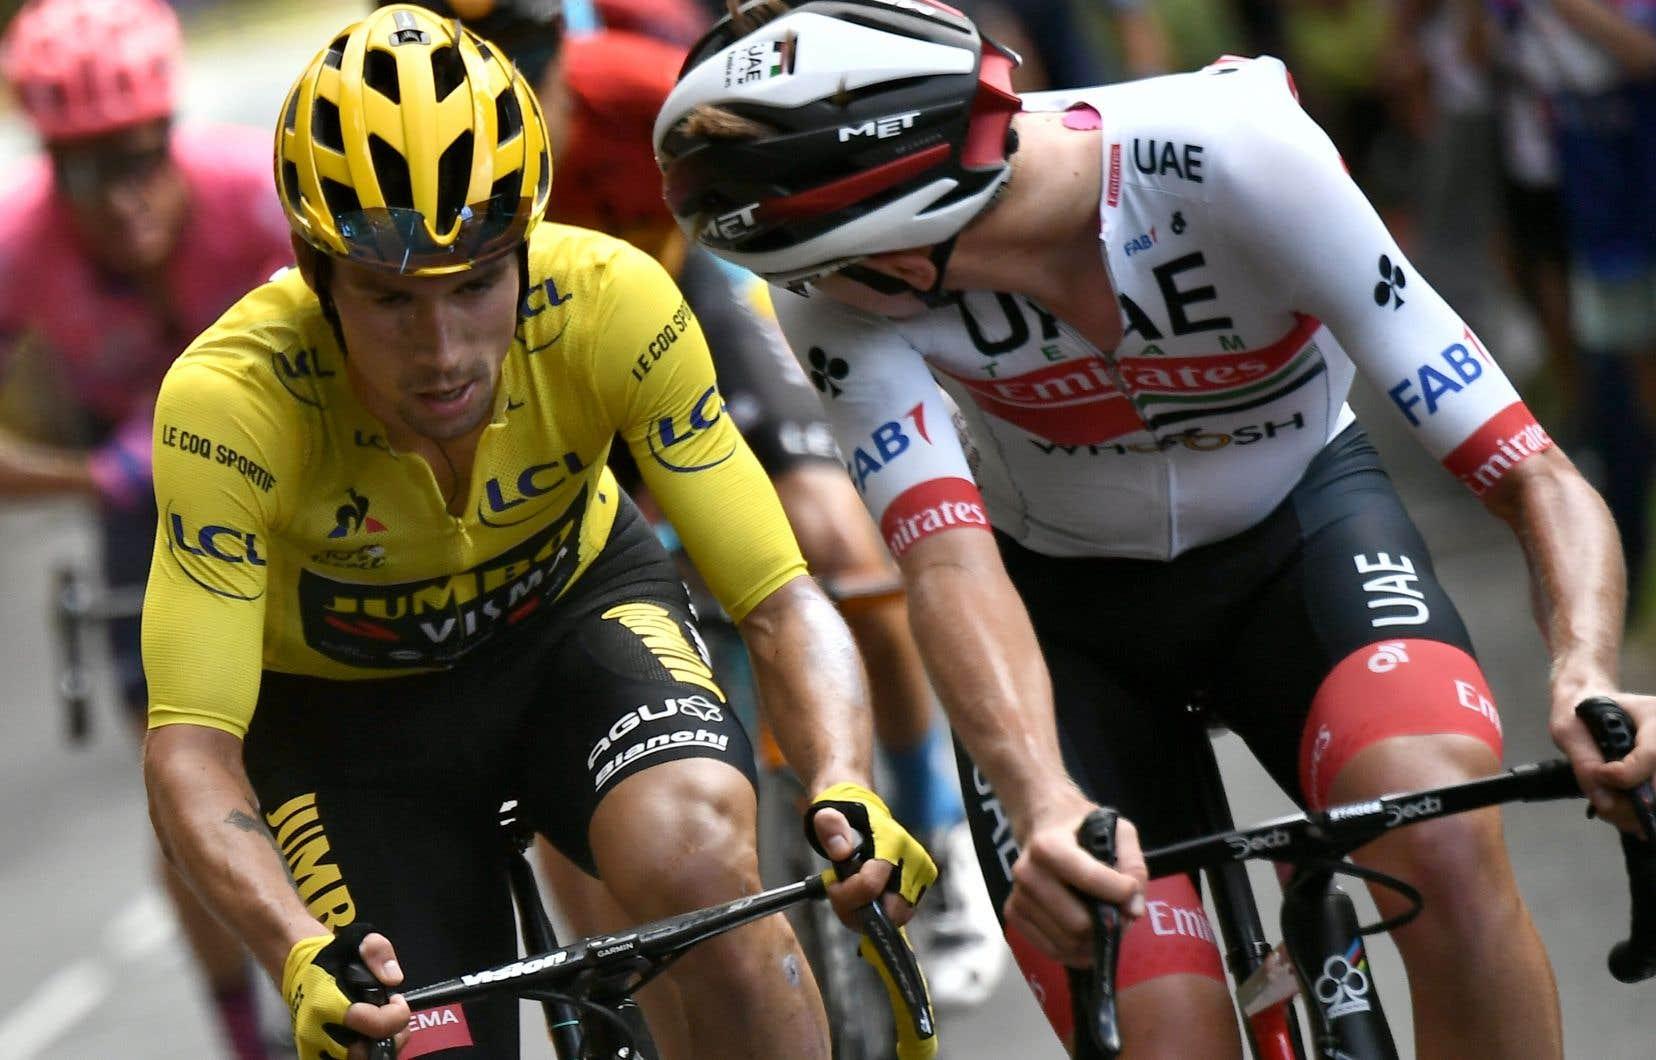 Primoz Roglic (maillot jaune) et Tadej Pogacar ont démontré leur supériorité dans les grandes ascensions qui ont rythmé le parcours ces deux dernières semaines.